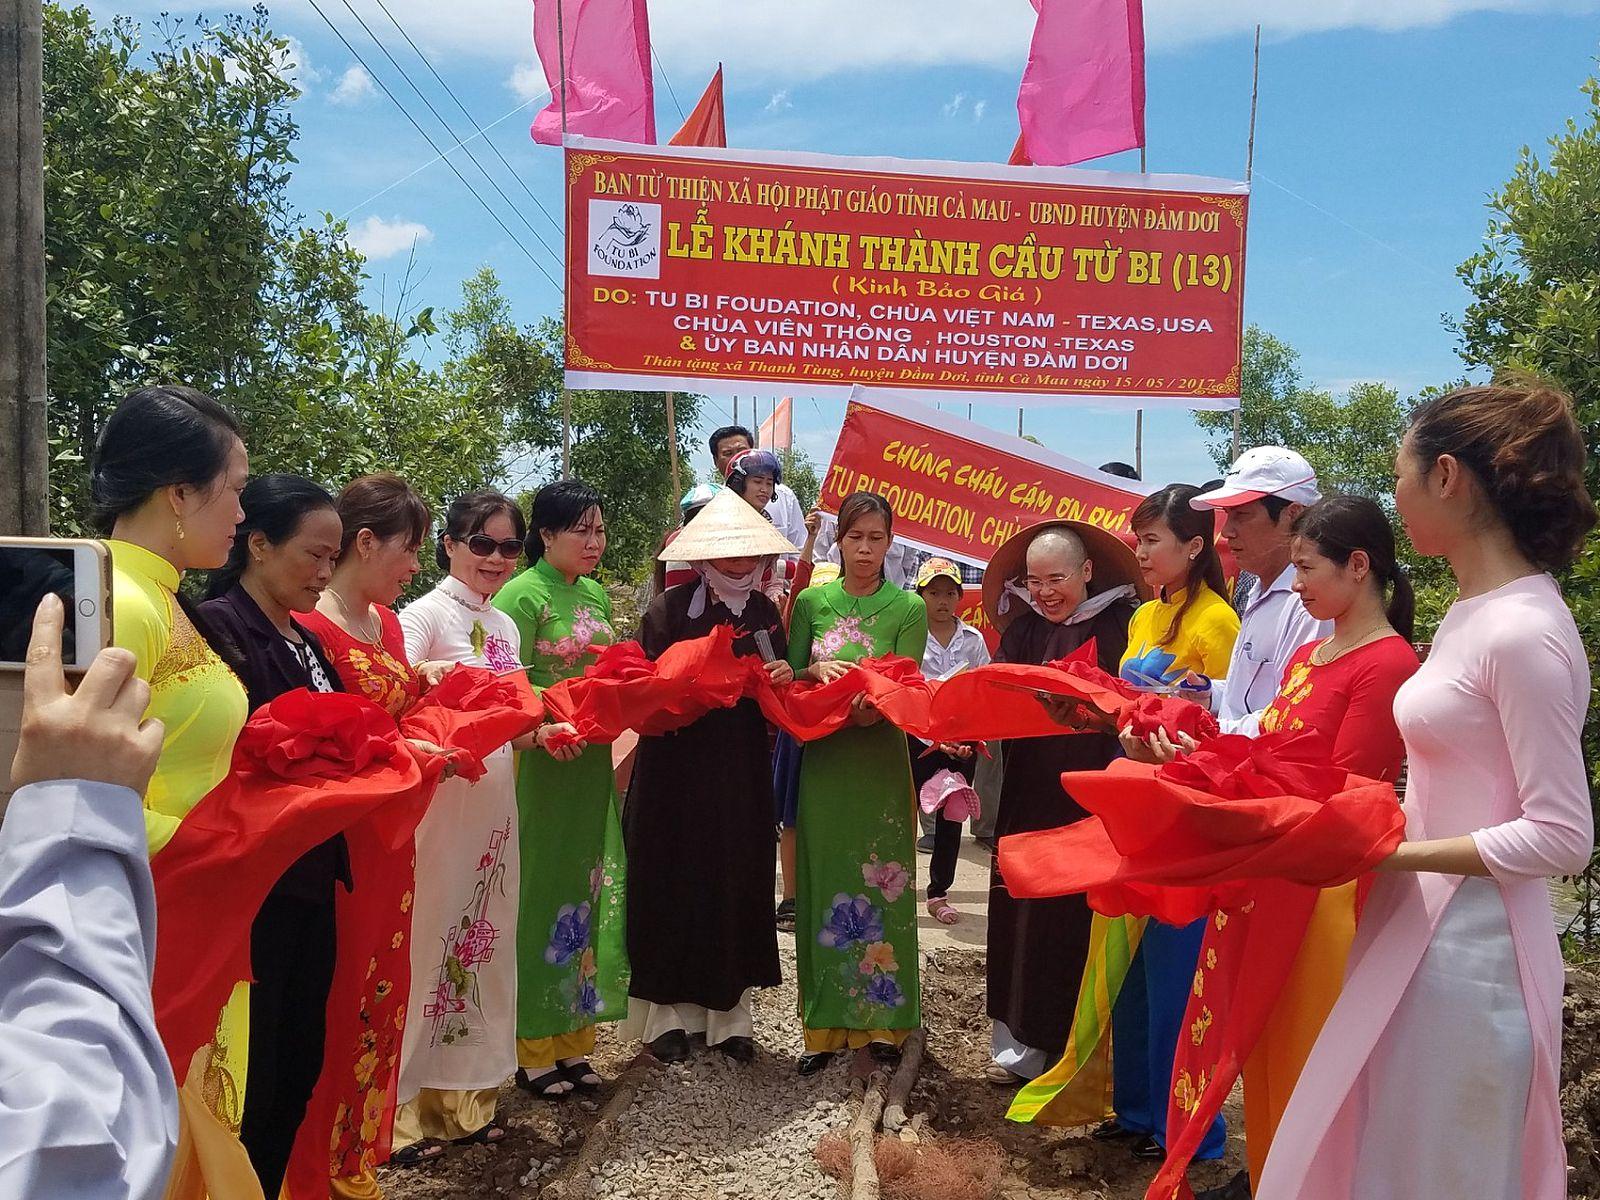 Cau Tu Bi 13 - Vien Thong (14)